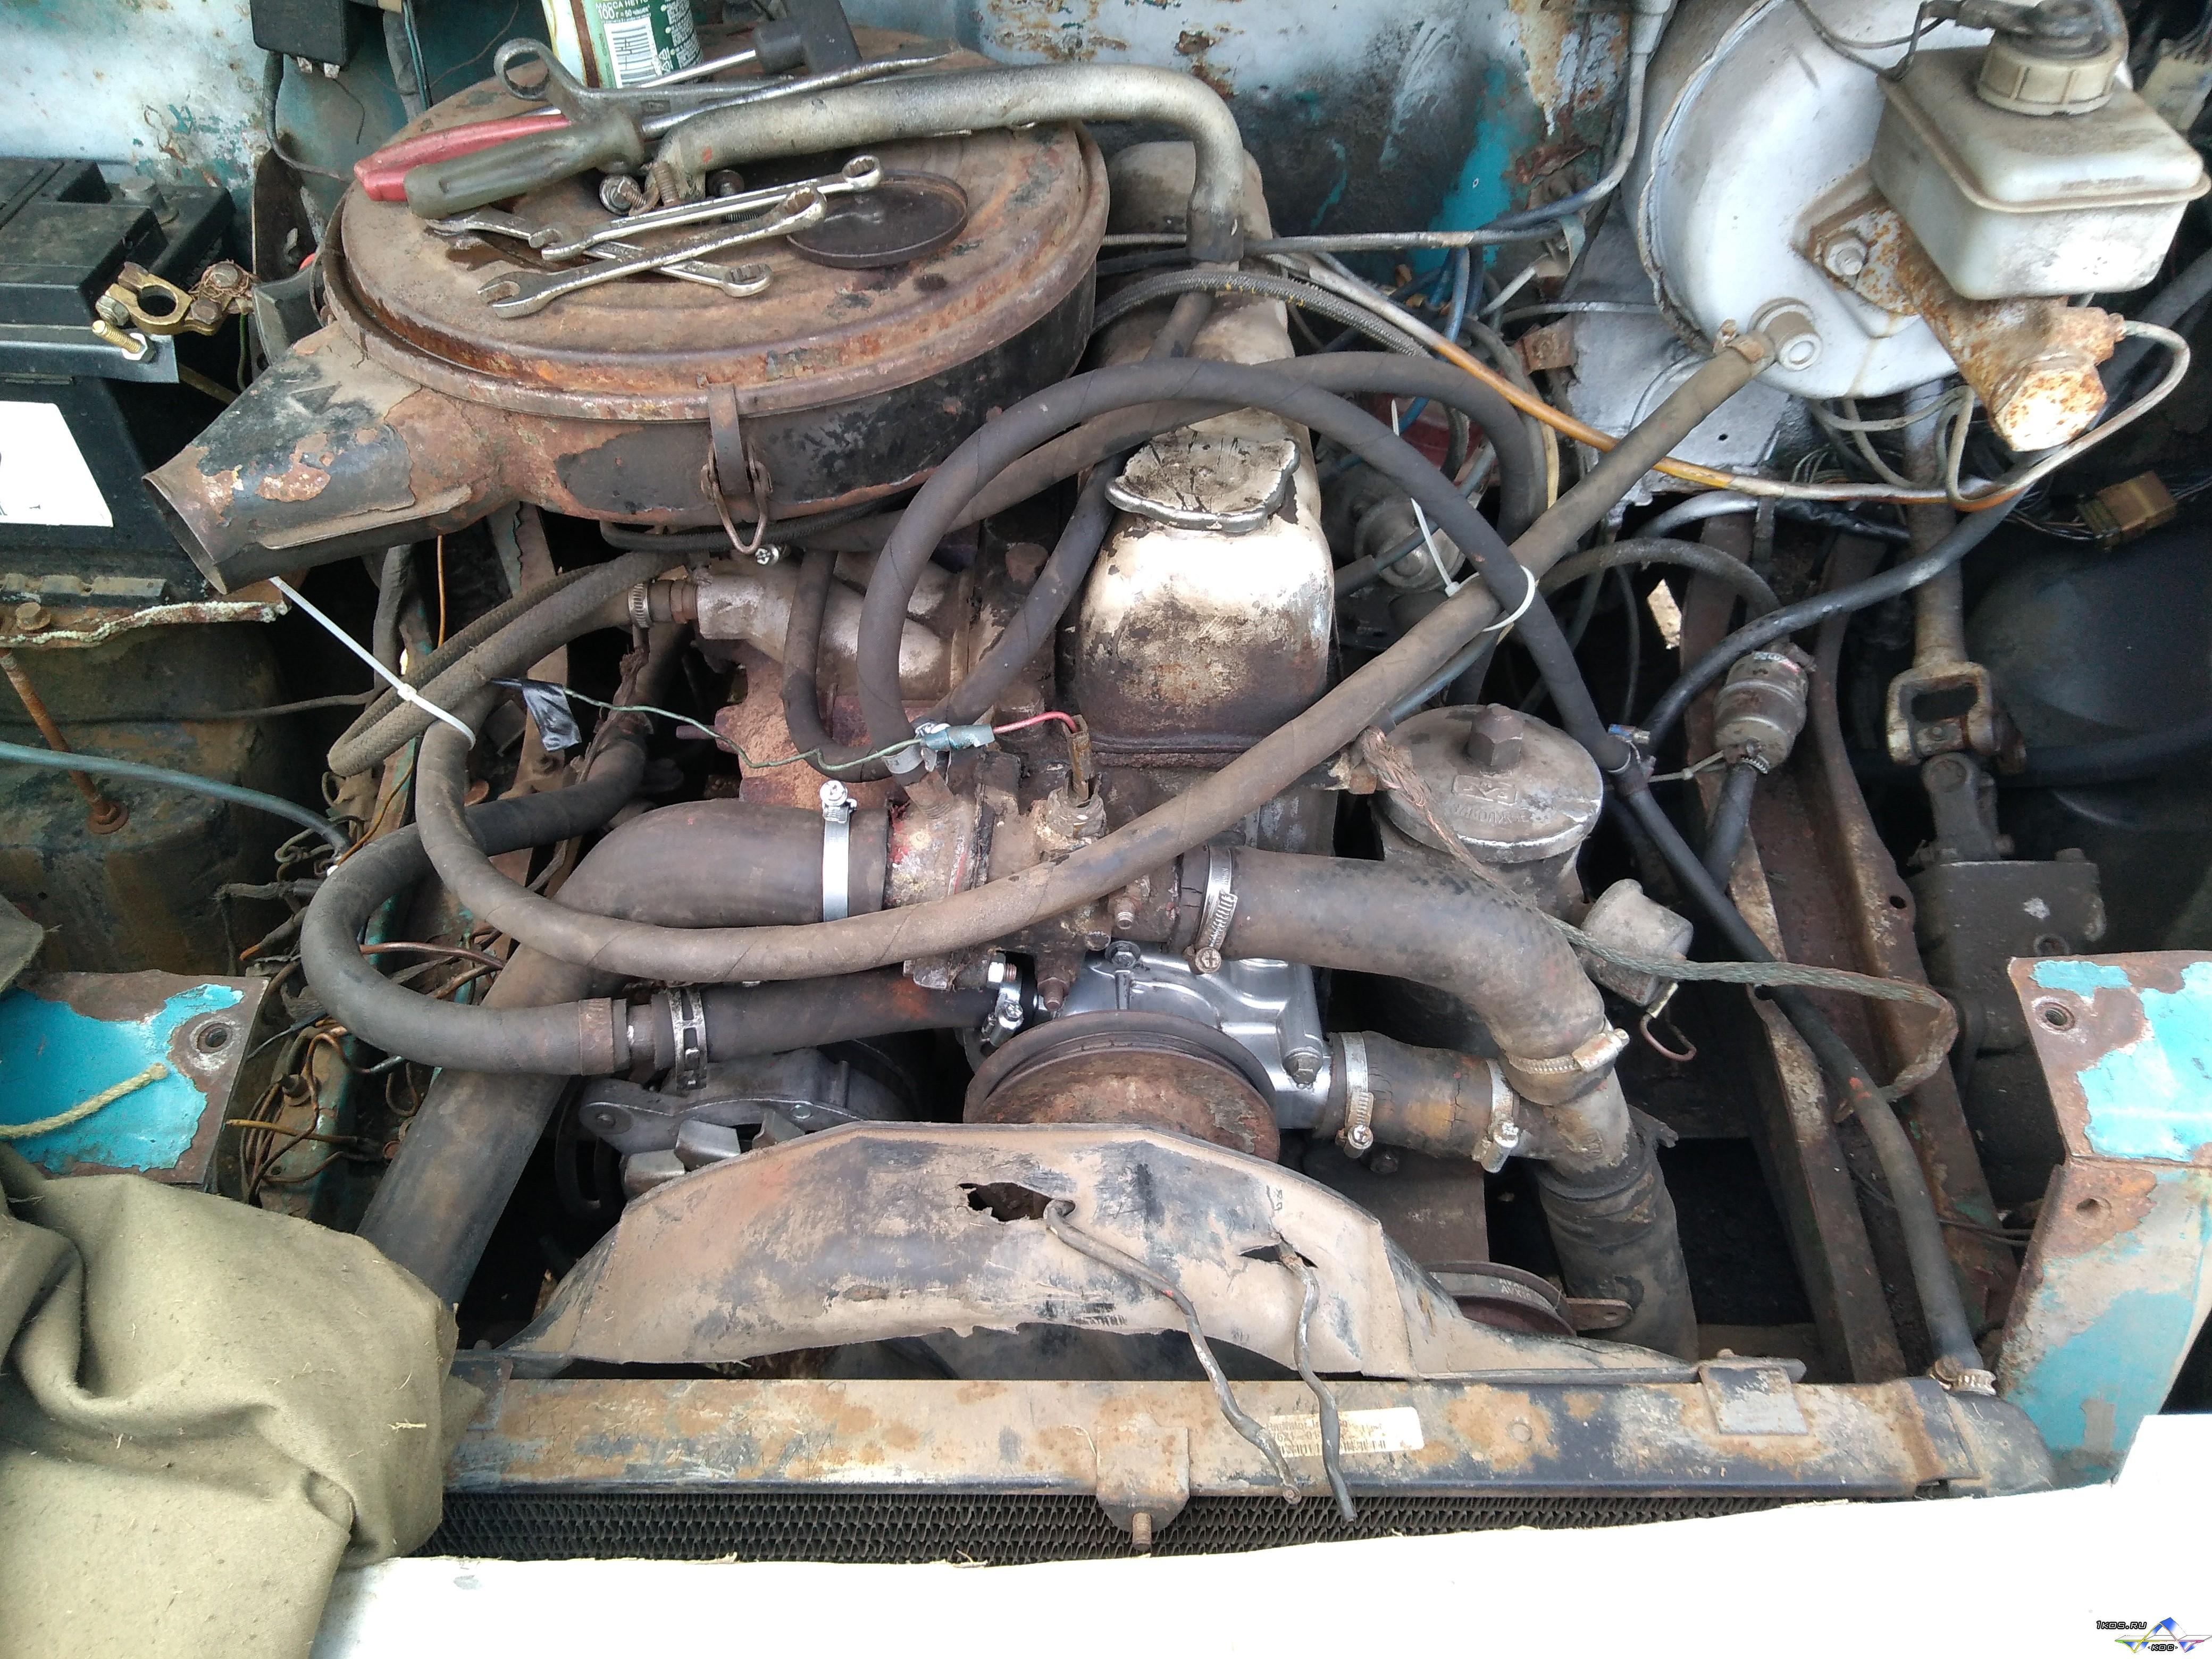 Разбираем переднюю часть двигателя.